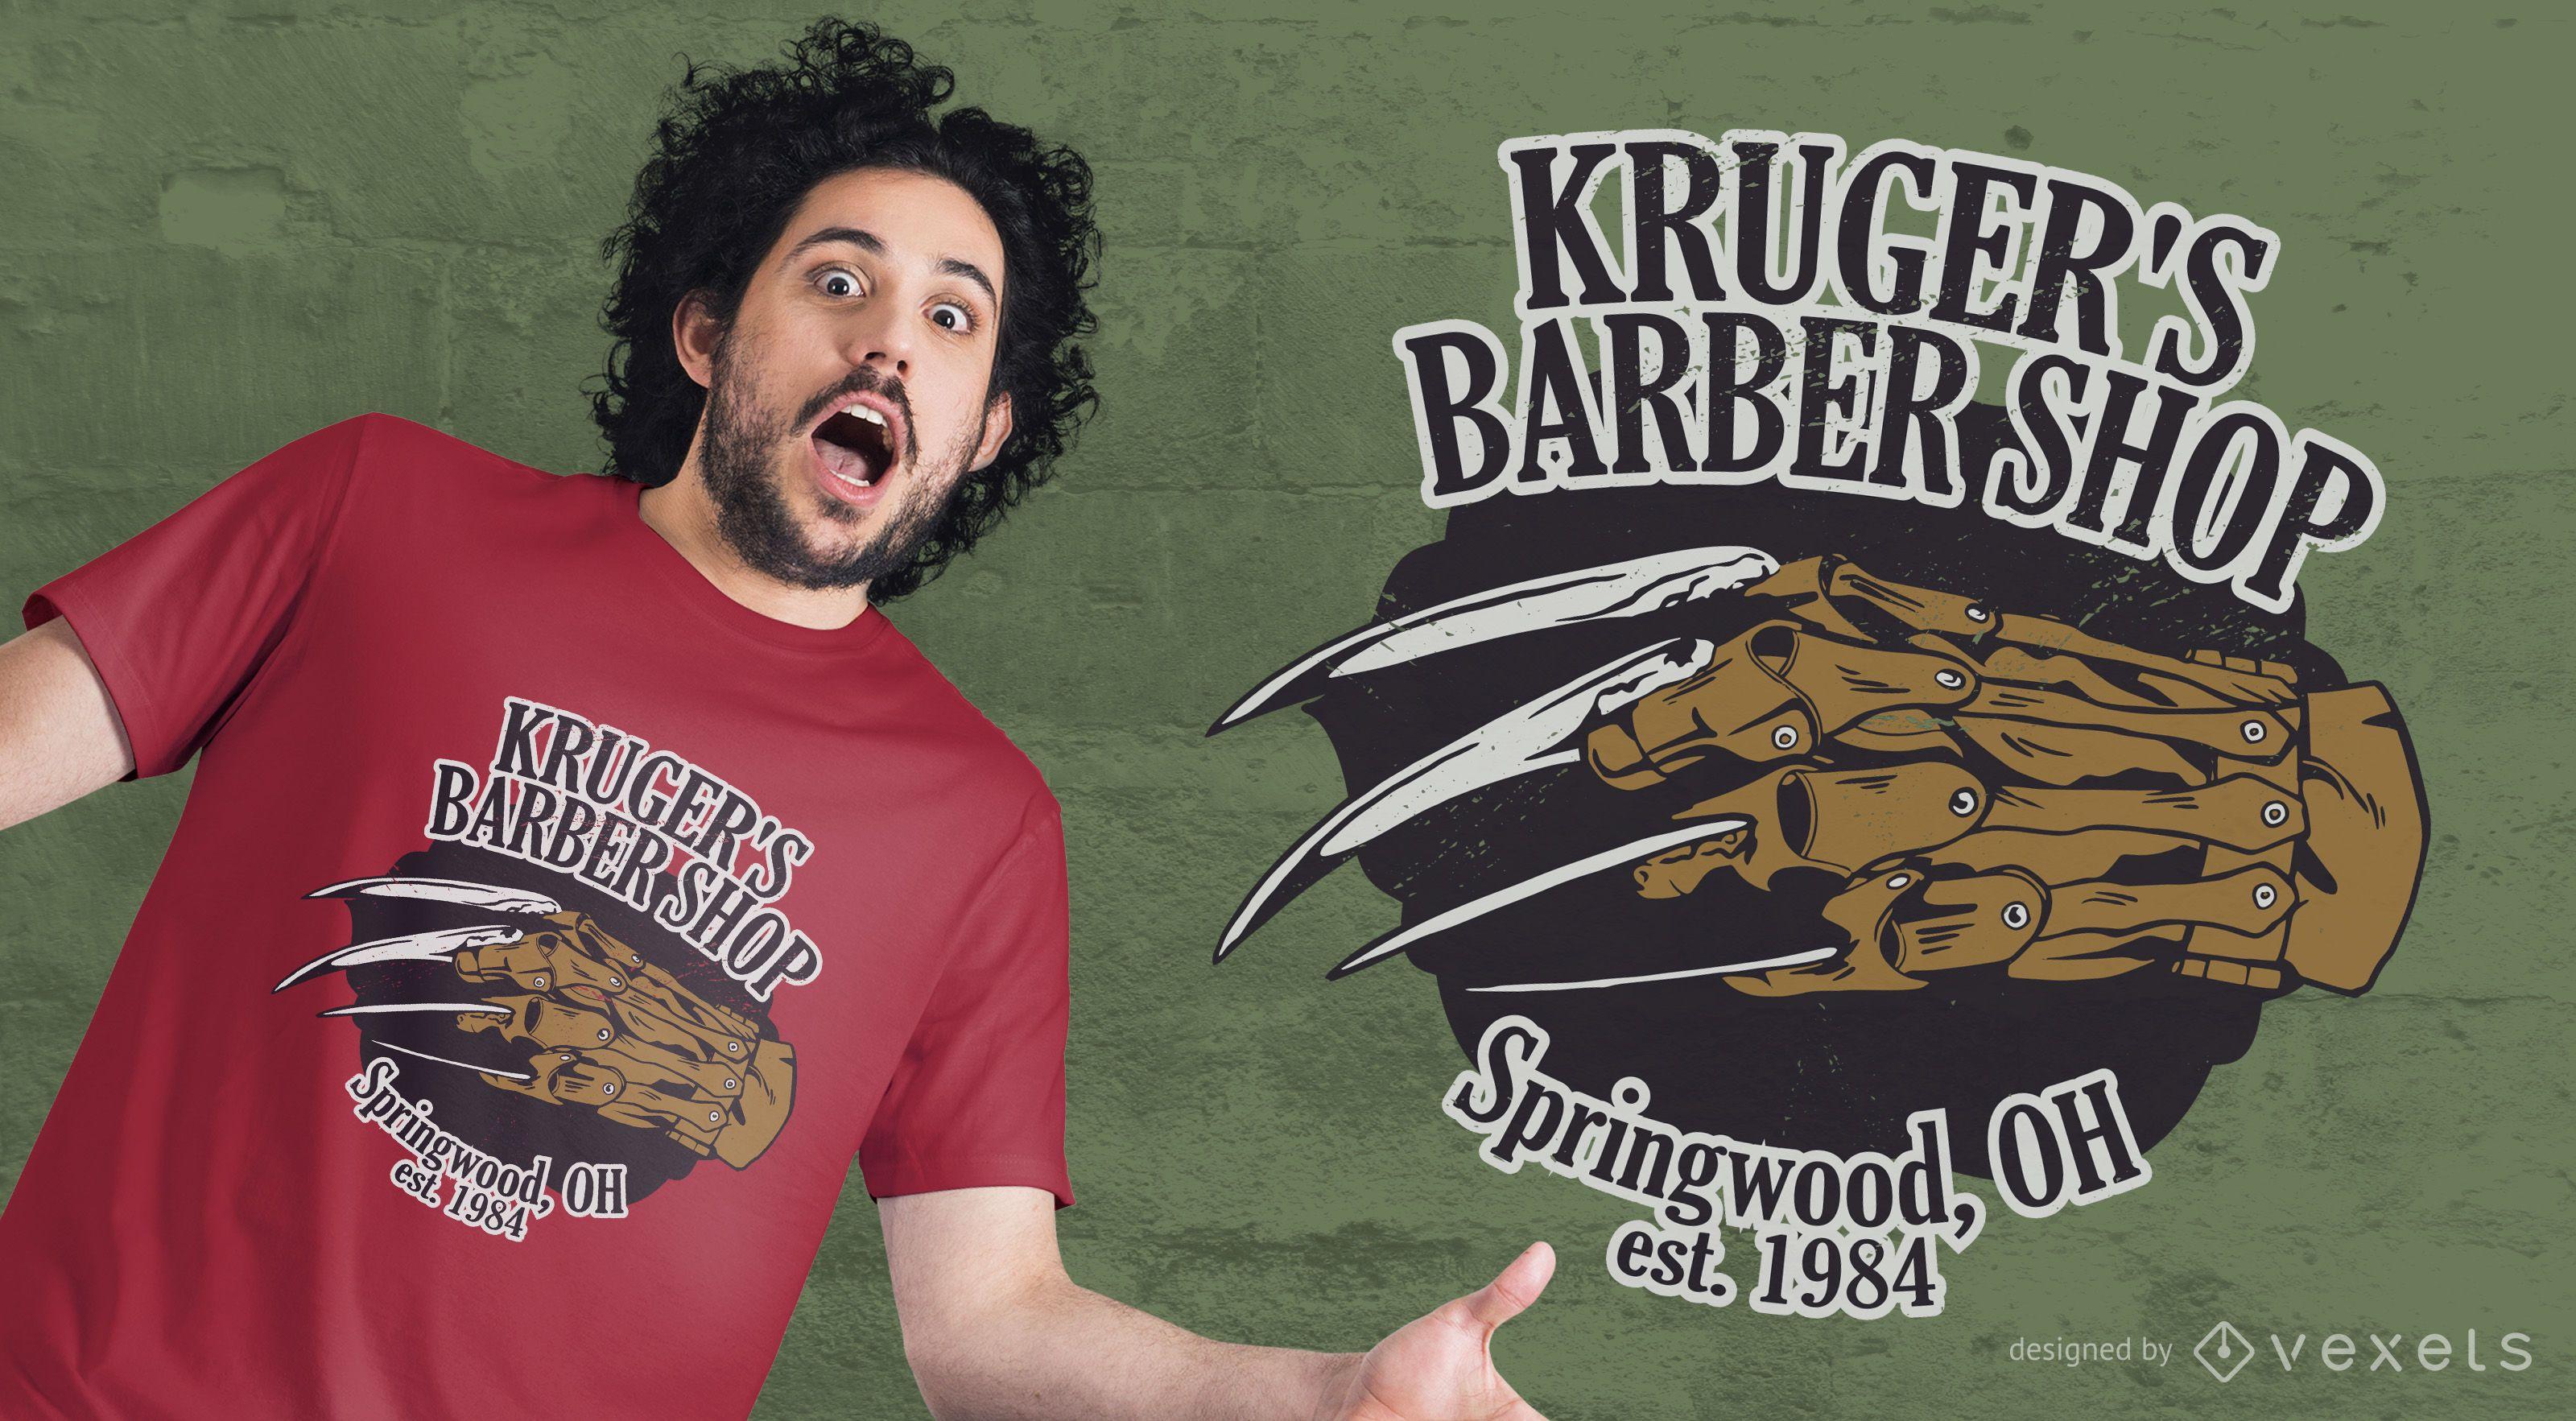 Kruger's barber shop t-shirt design